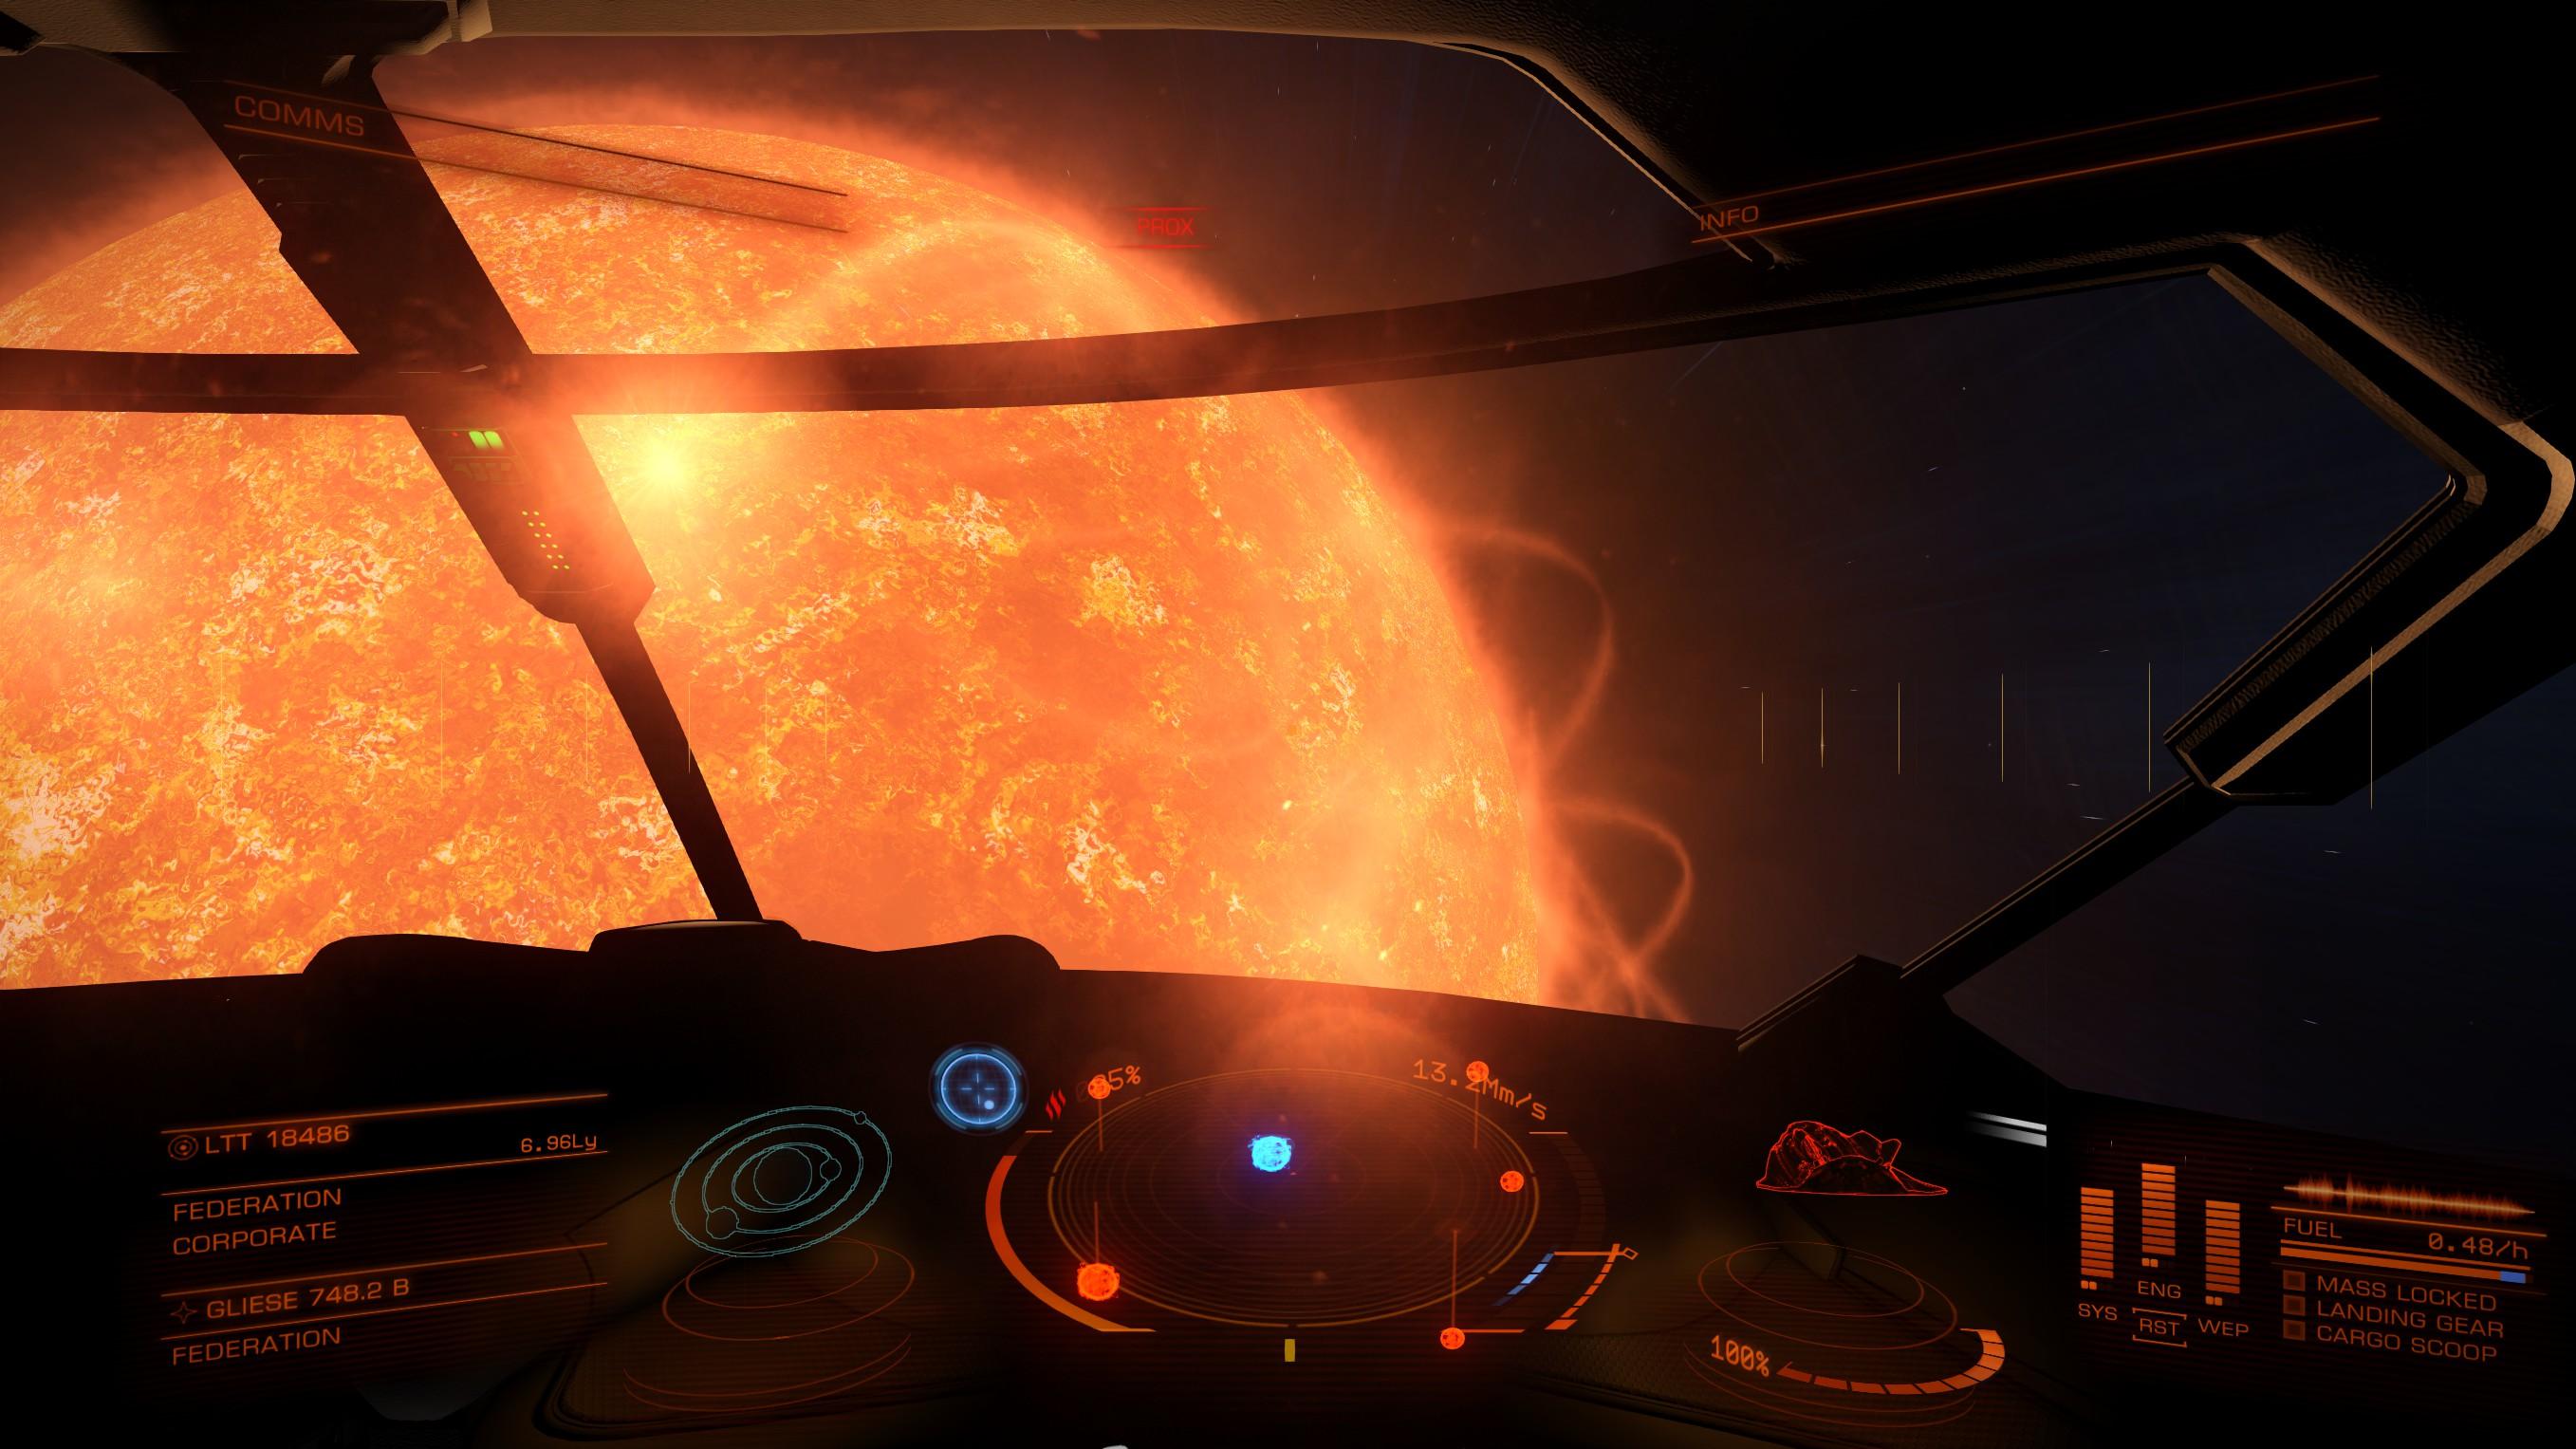 Зірка - найбільше тіло сонячної системи. Відтак, мандруючи гіперпростором до чергової сонячної системи, гравець потрапляє впритул до її зірки. Потрібно хутко змінити курс, аби не влетіти в неї.